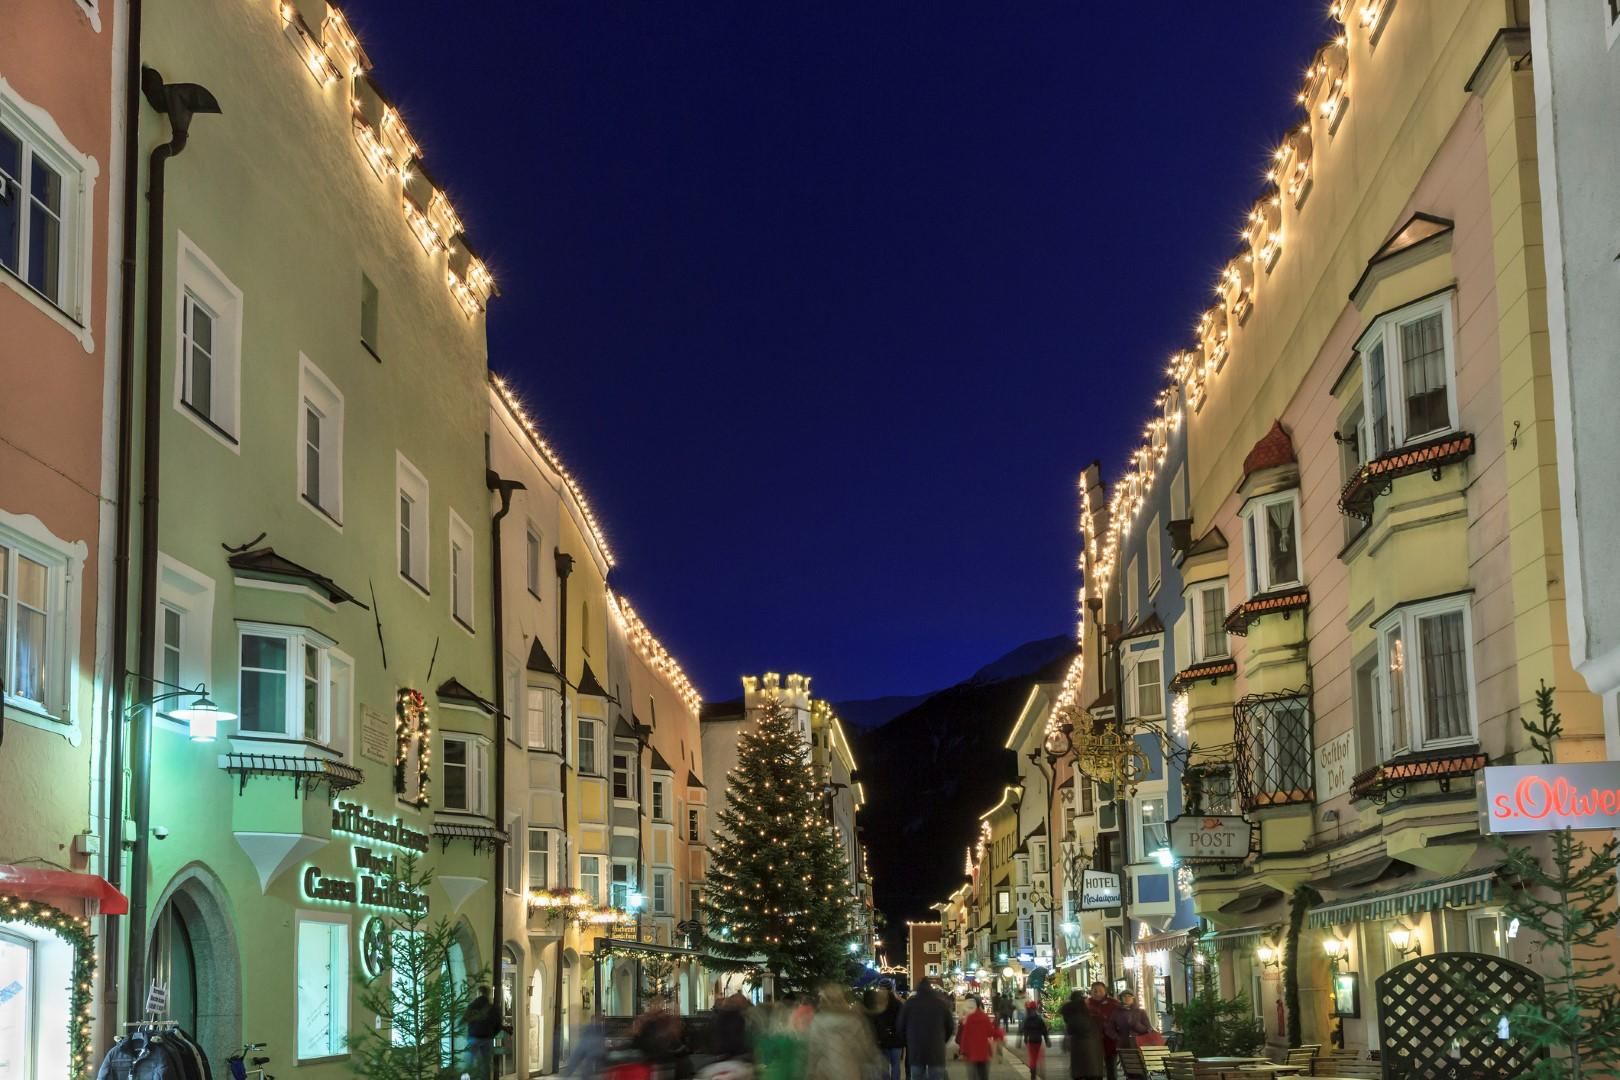 Dieci incantevoli borghi da visitare a Natale